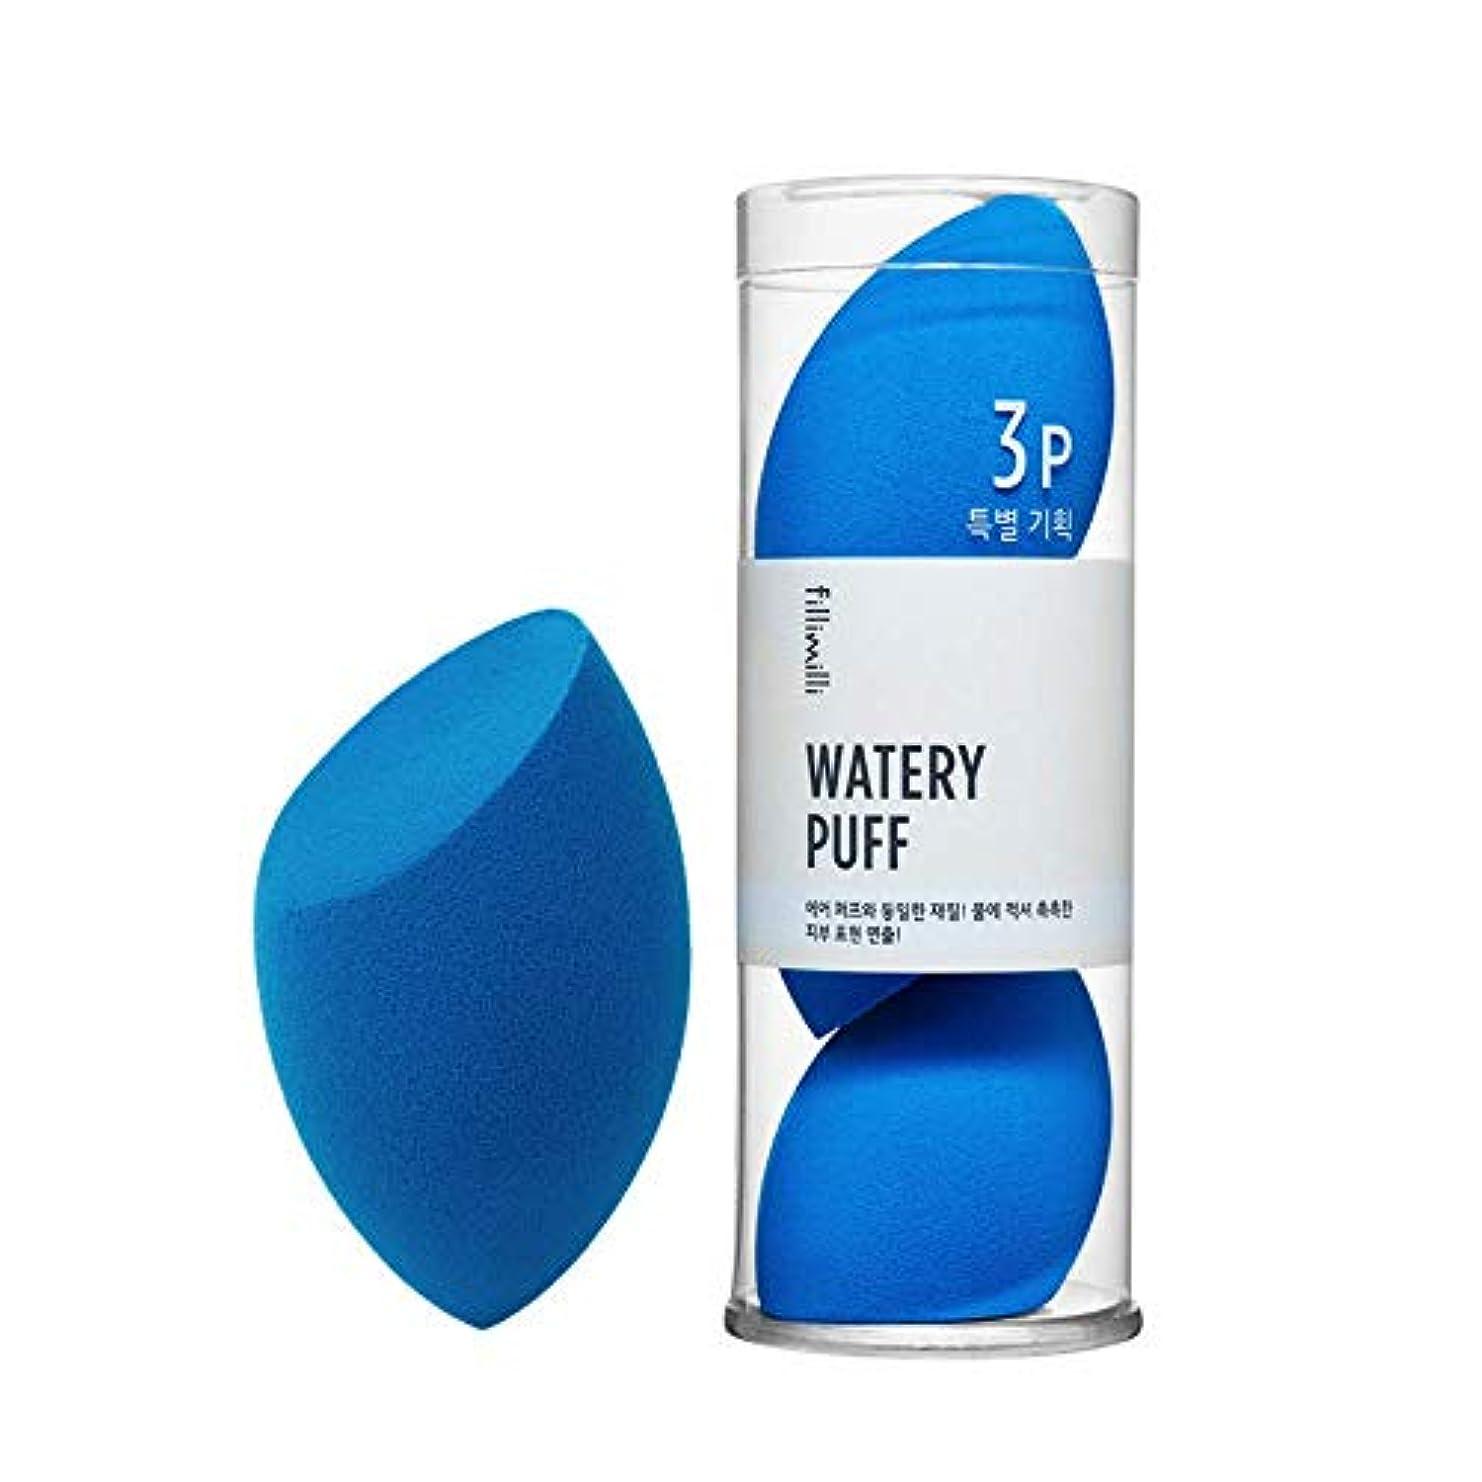 アトミック連続した任意fillimilli Make-up Sponge Watery Puff 3P SET しっとりパフ (チョクチョクパフ) 3個セット (Olive Young) [並行輸入品]